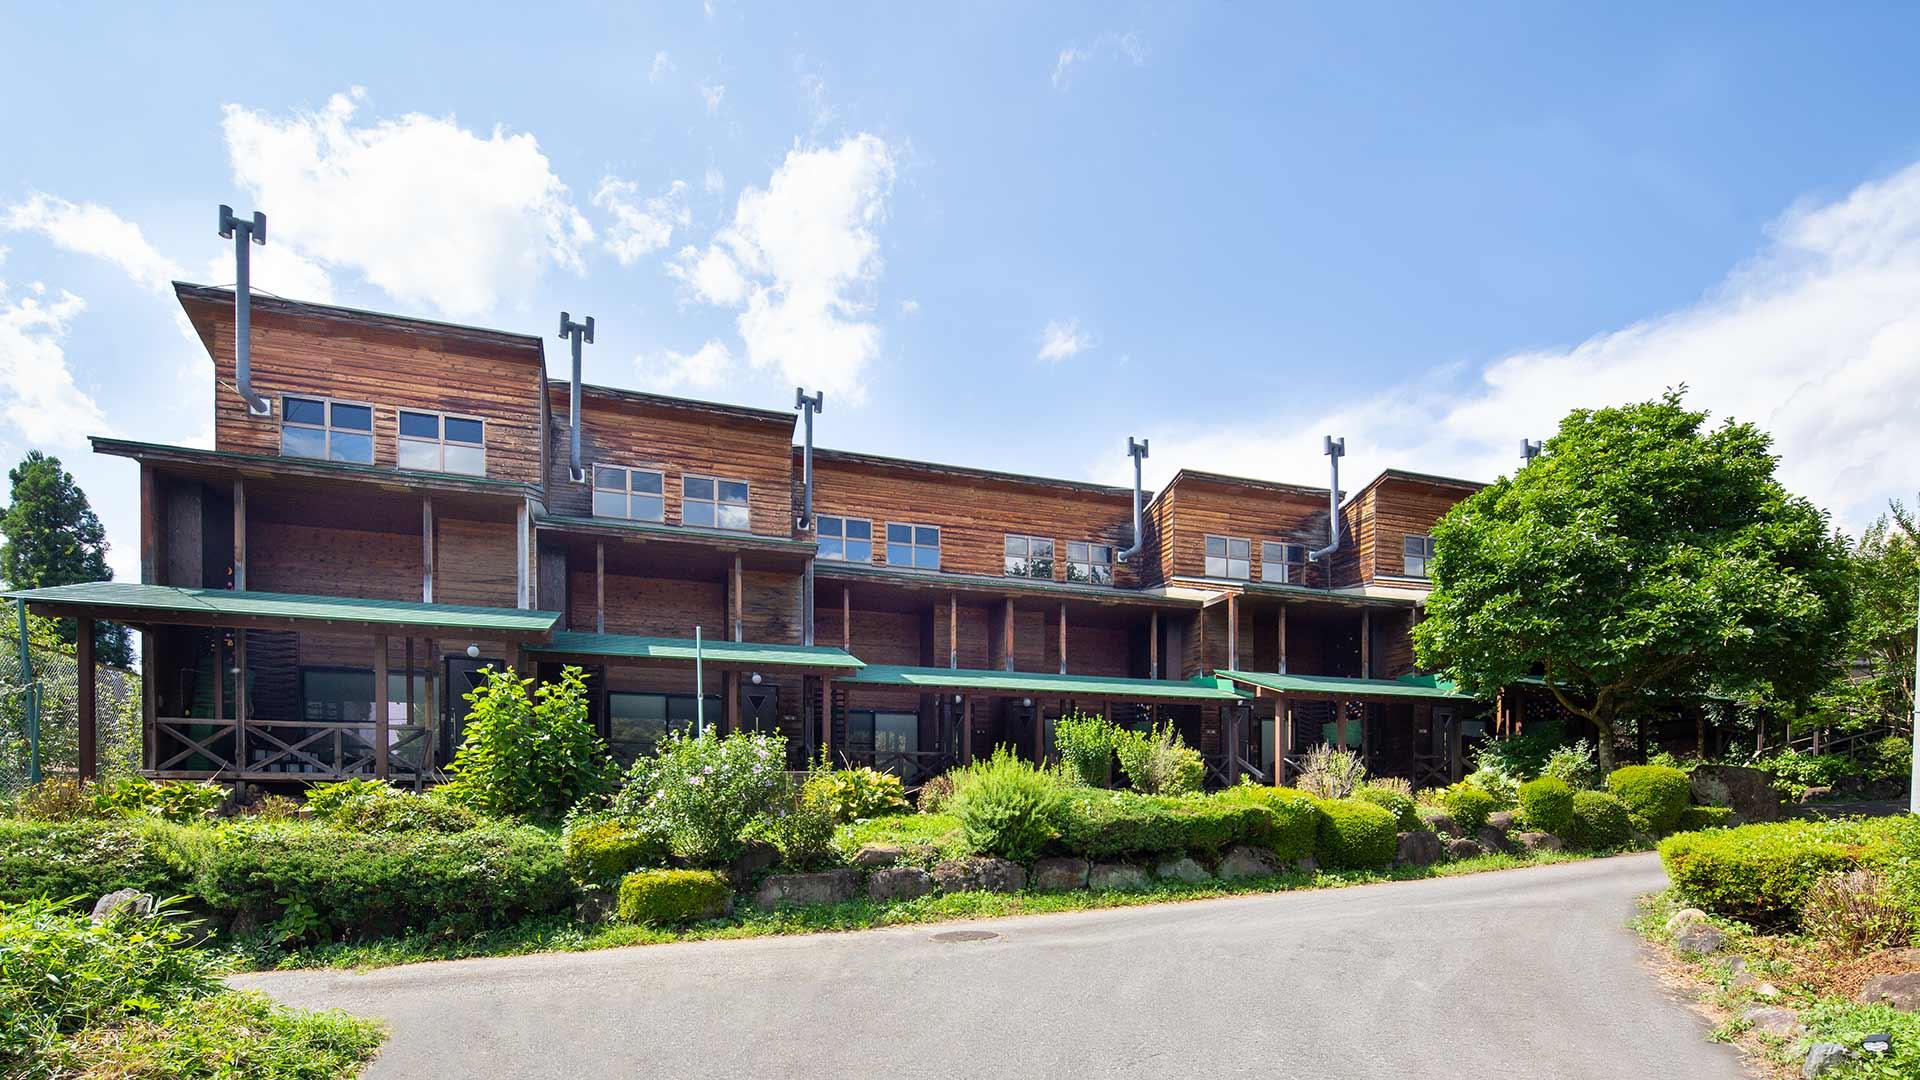 猿ヶ京温泉・ガルニヴィレッジ